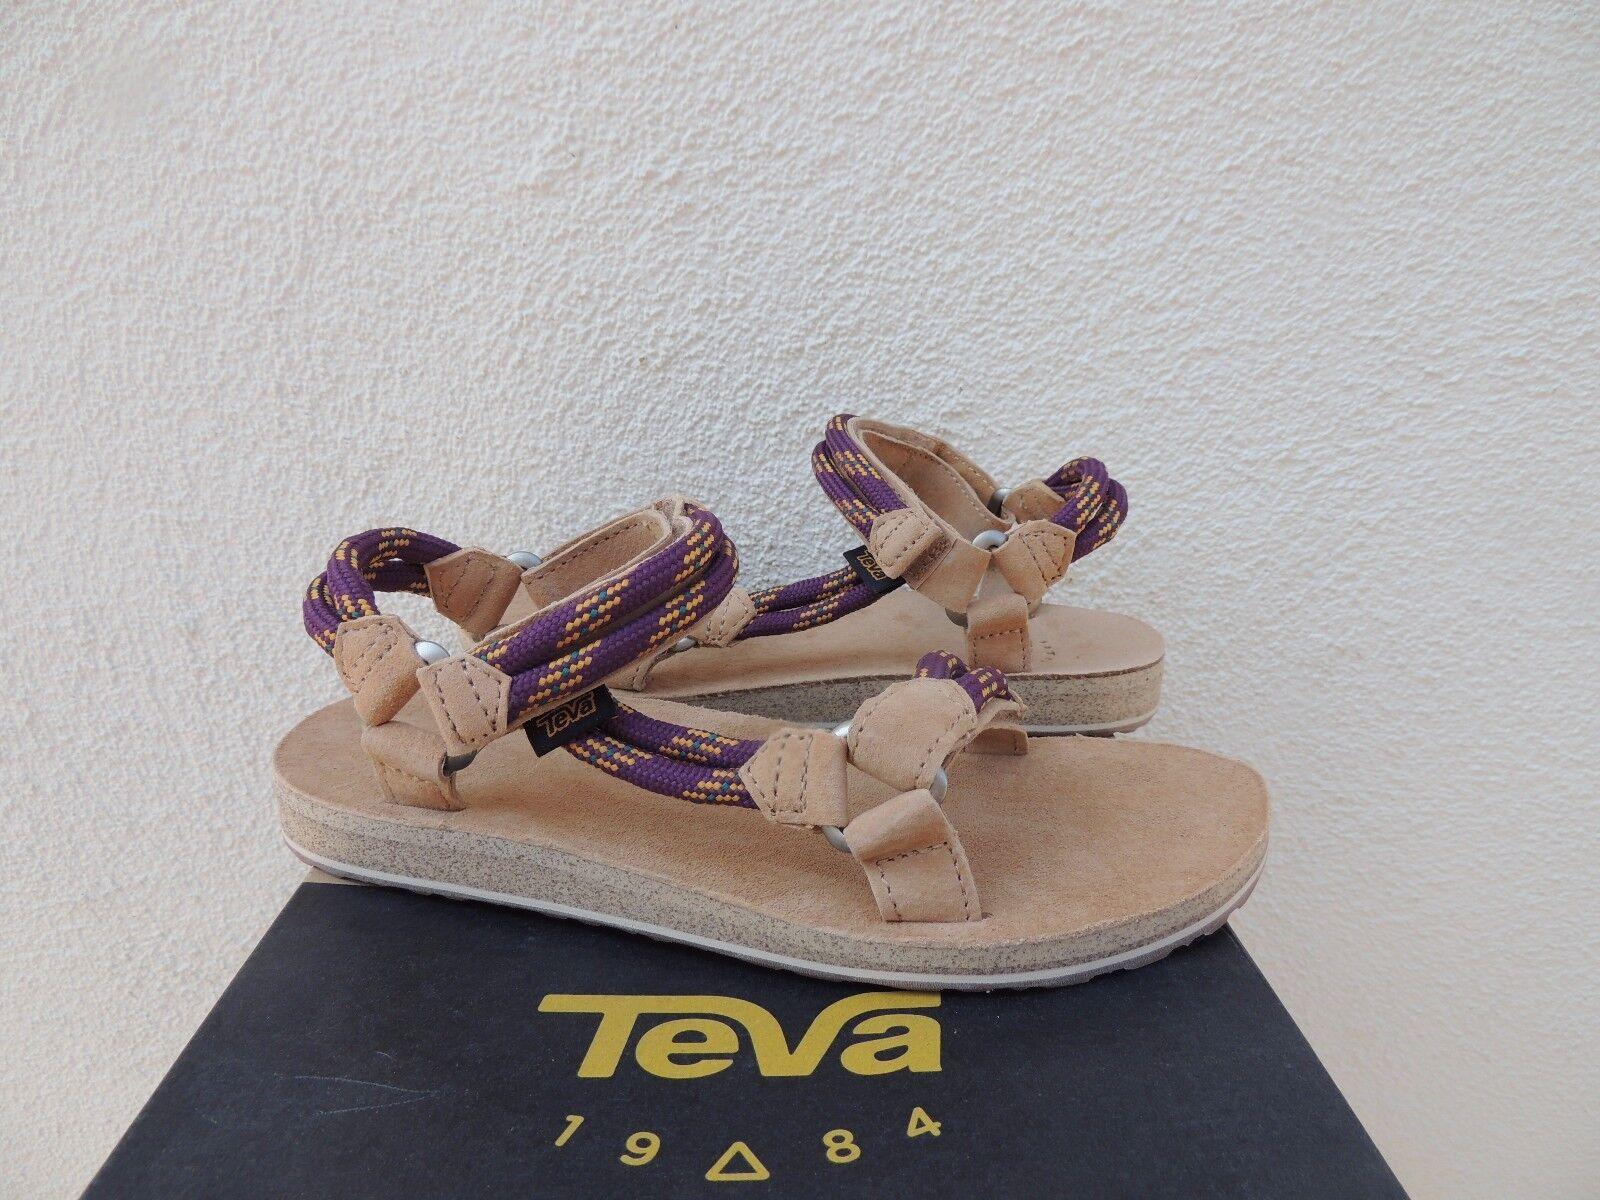 Teva Original Universal Universal Universal Púrpura Oscuro de Cuerda con Tiras Sandalias De Gamuza, EE. UU. 7 38 euros Nuevo En Caja 9b435b